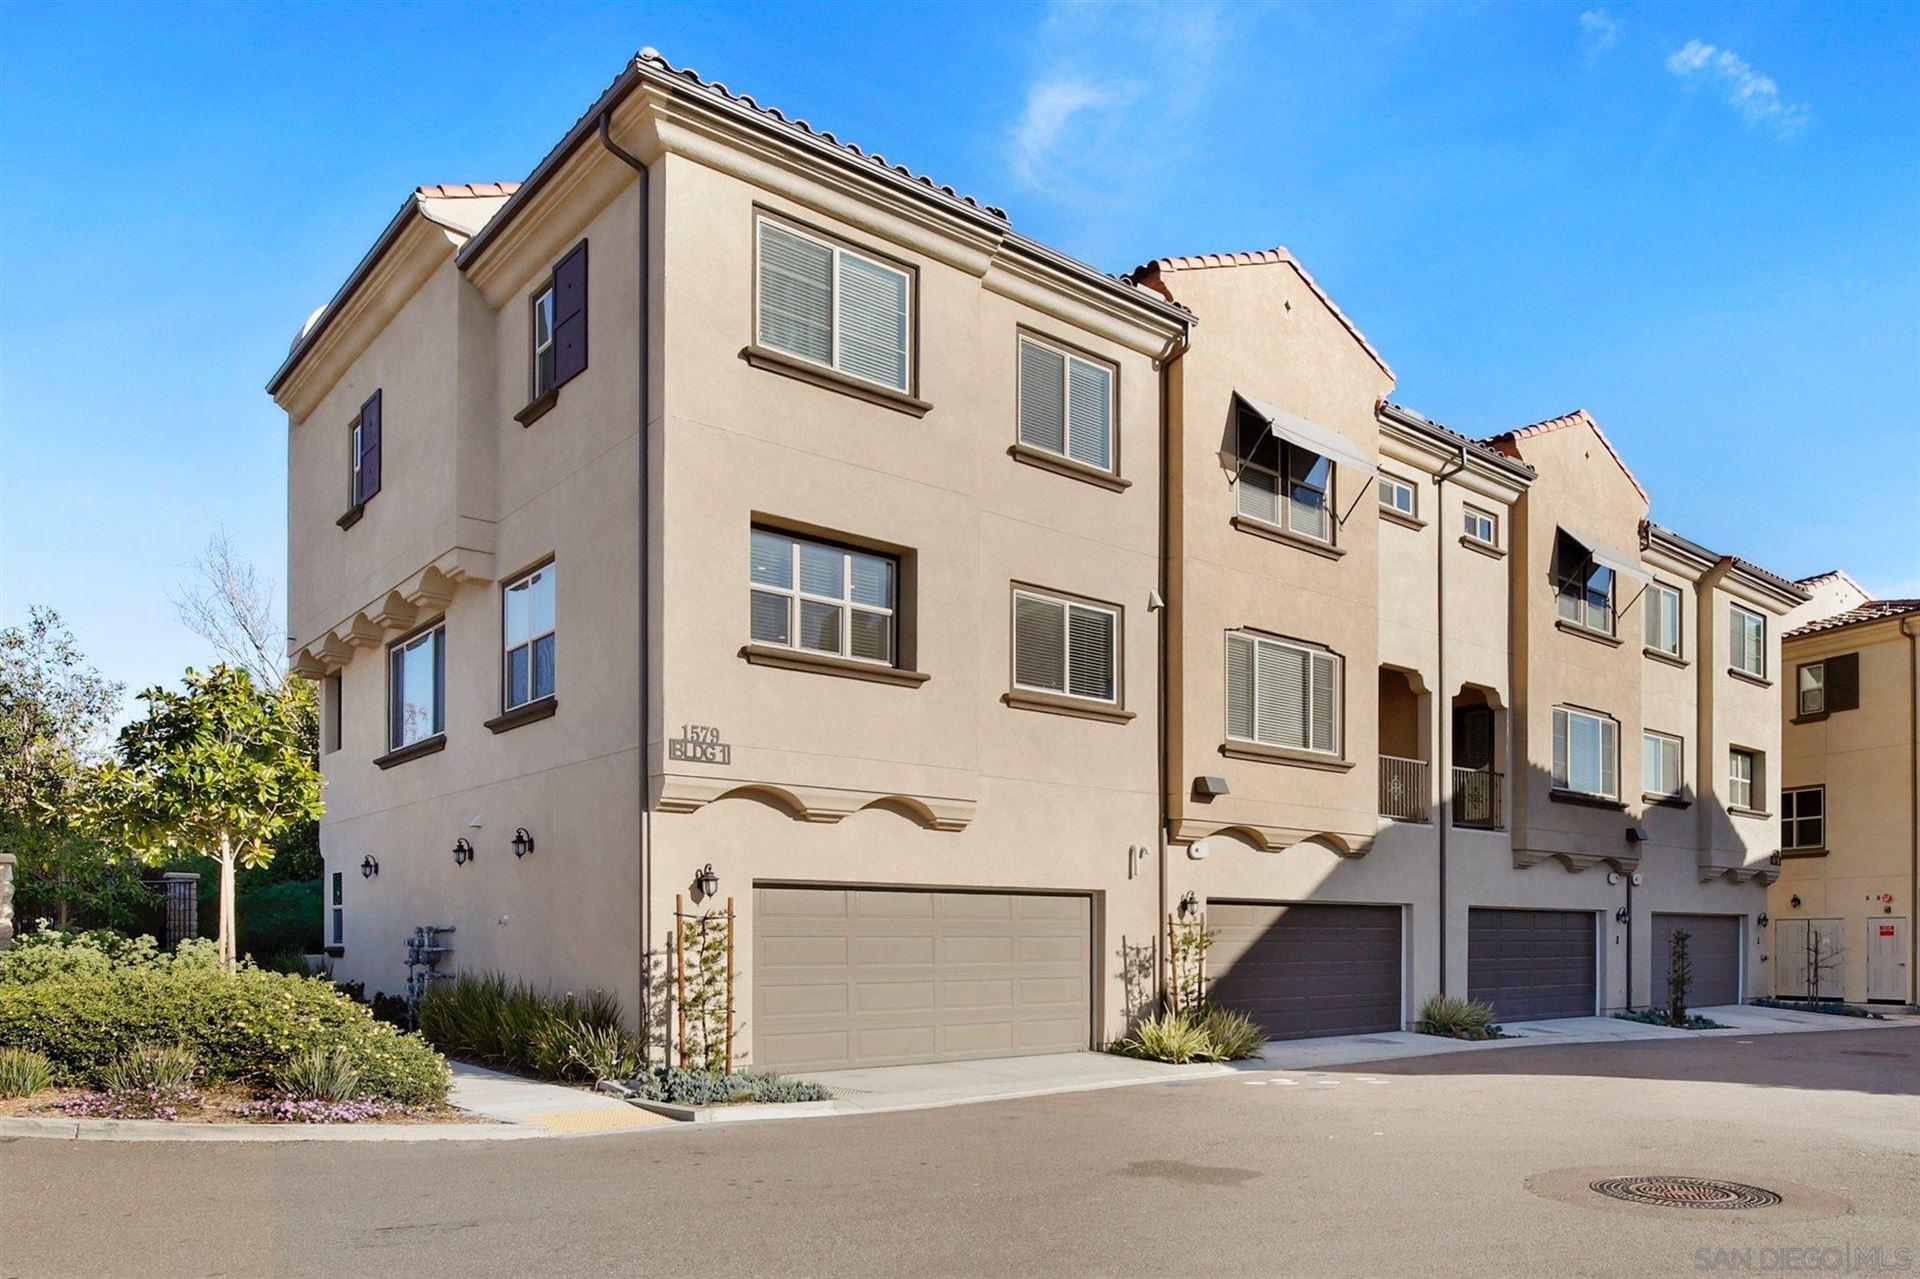 Photo of 1579 Castillo Way #1, Vista, CA 92081 (MLS # 210001060)